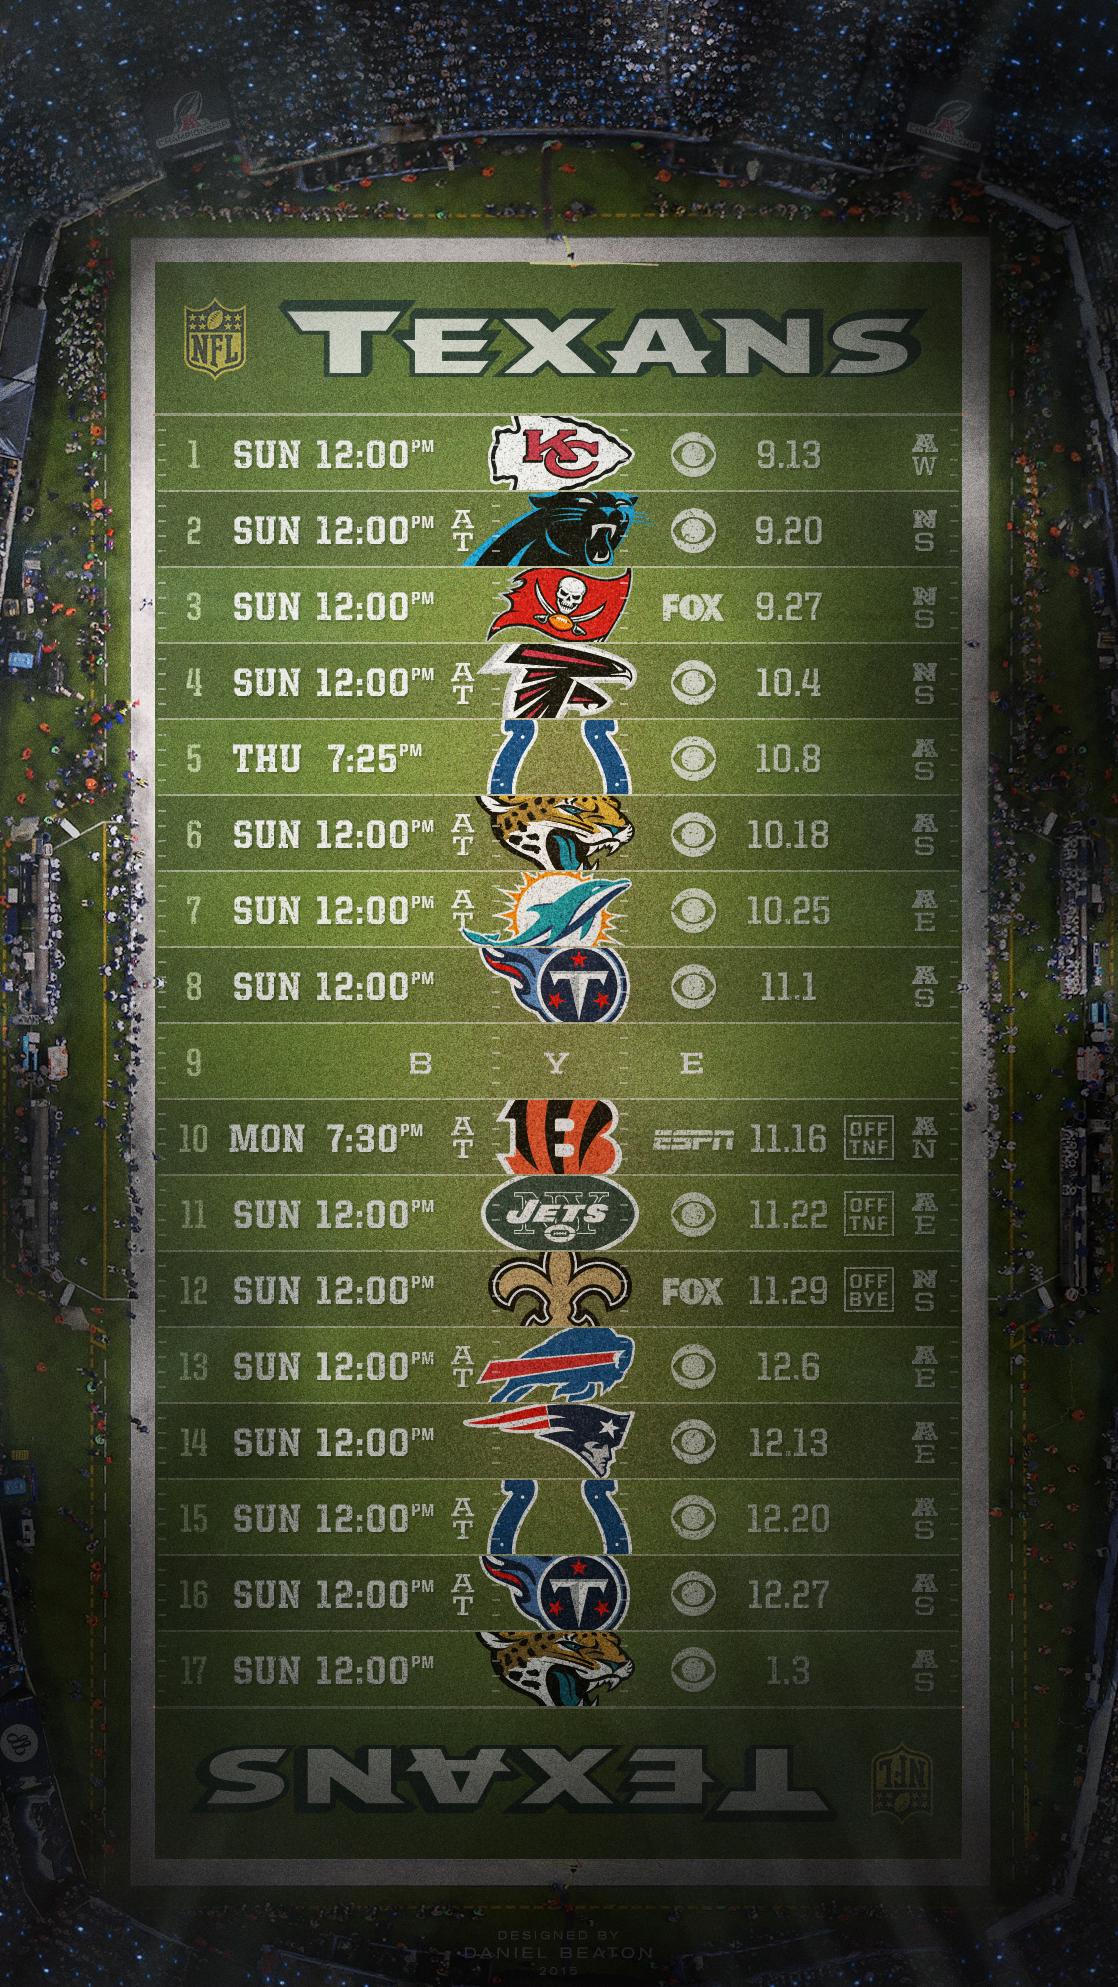 Houston Texans 2015 Schedule Wallpaper Wallpapersafari